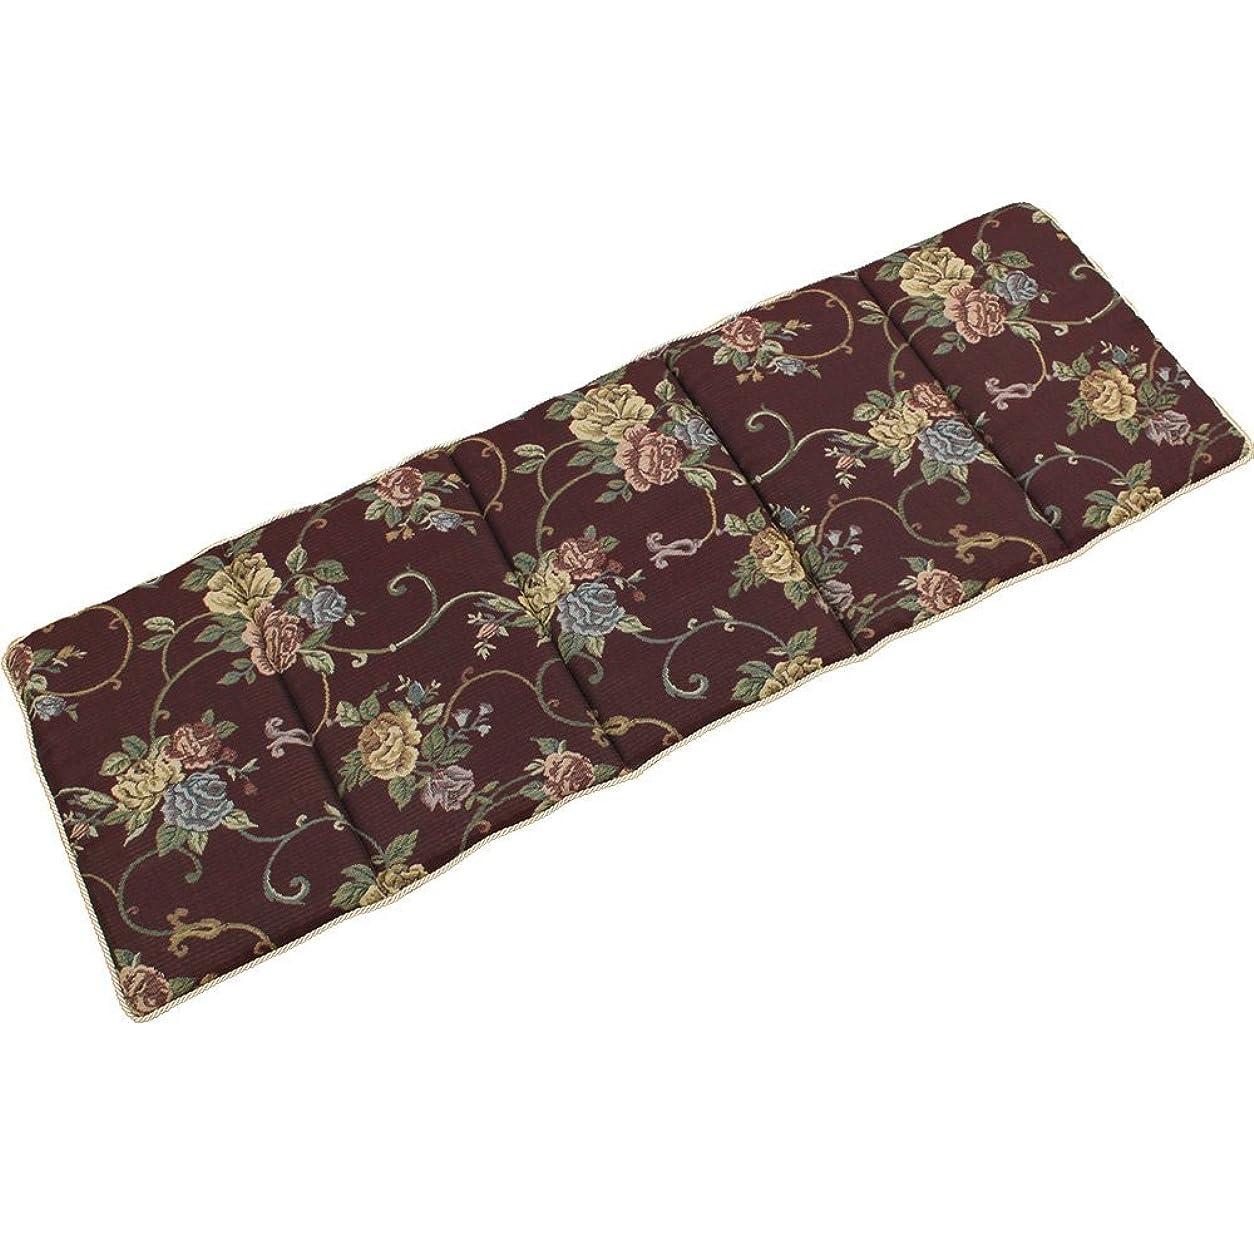 チューリップ服を洗う忠実なイケヒコ?コーポレーション クッション ブラウン サイズ:約43×130cm